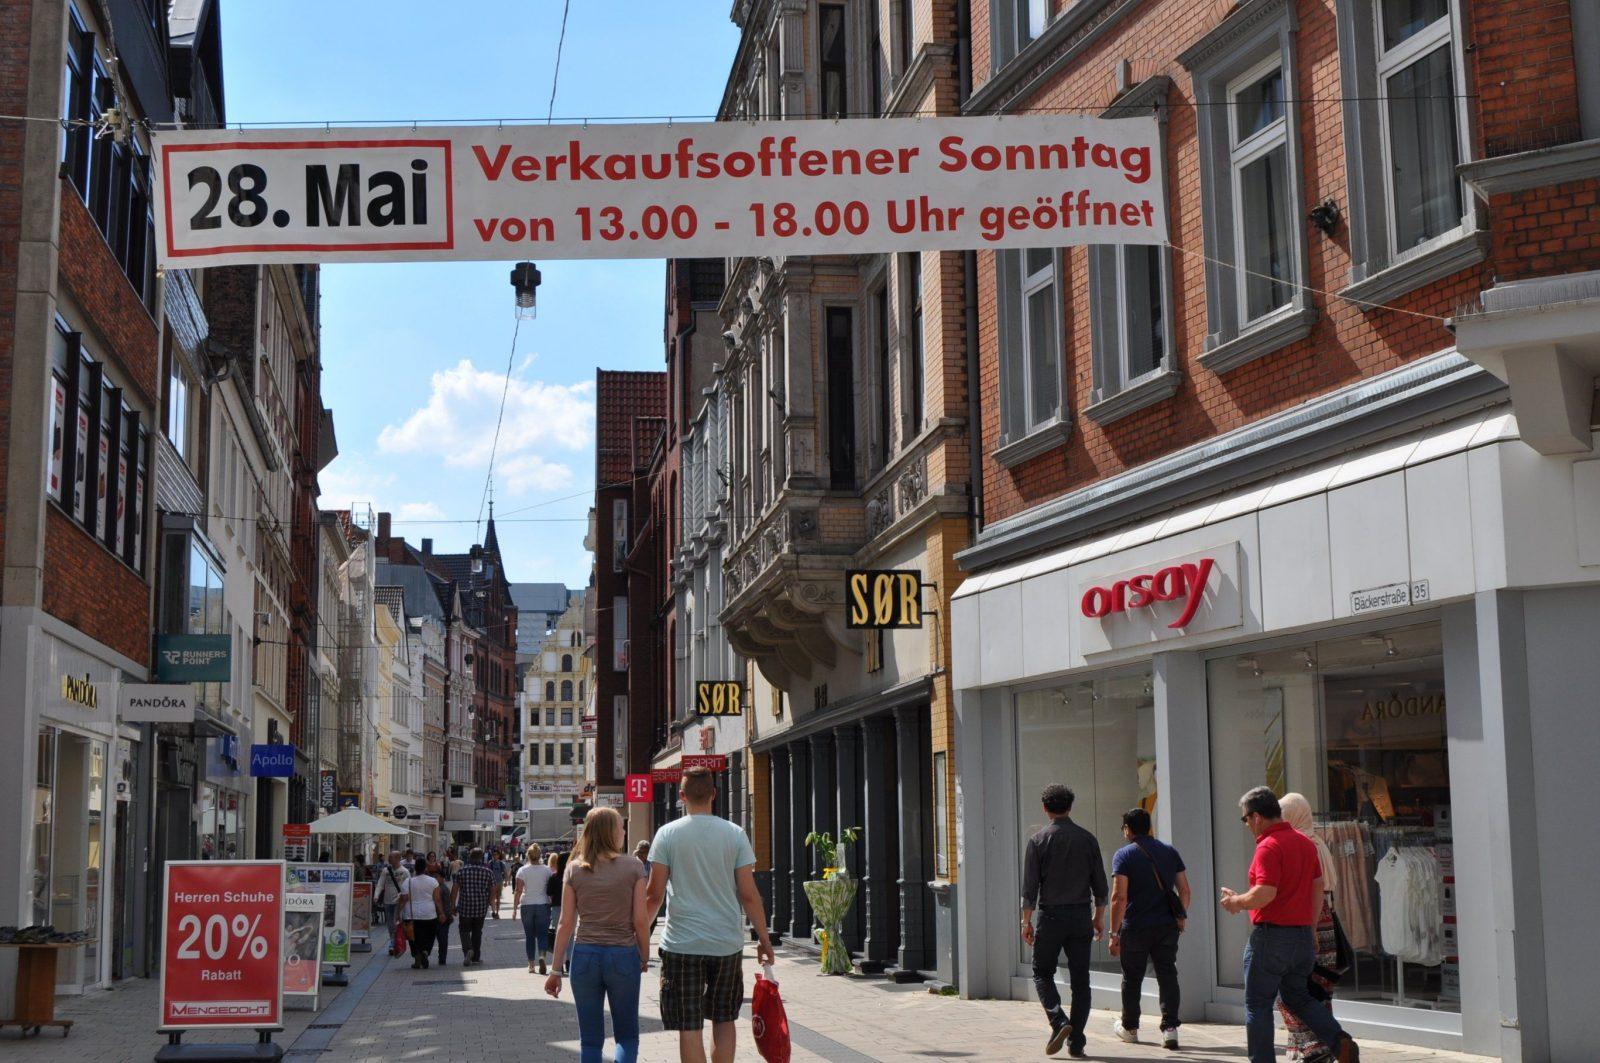 Verkaufsoffener Sonntag In Minden  Minden Kurier Online von Porta Möbel Minden Verkaufsoffener Sonntag Photo